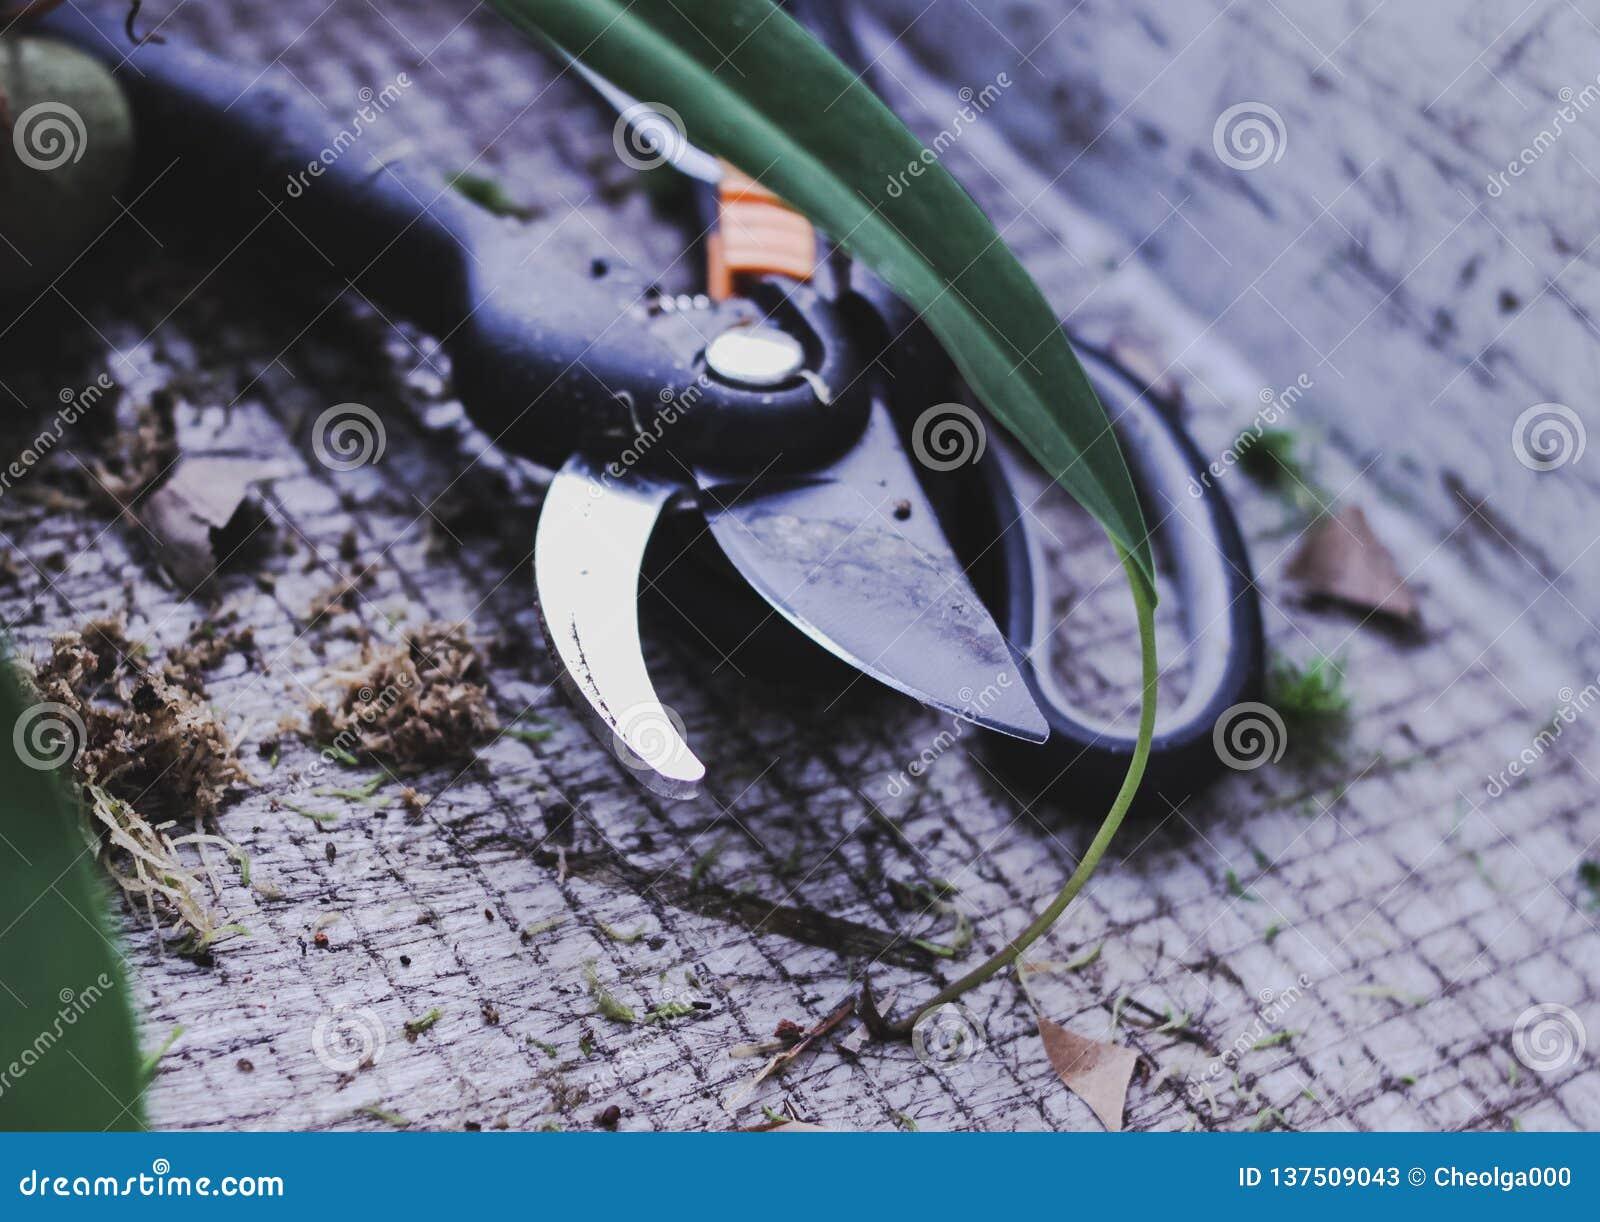 Садовые инструменты резец, ножницы трансплантируя цветки весной